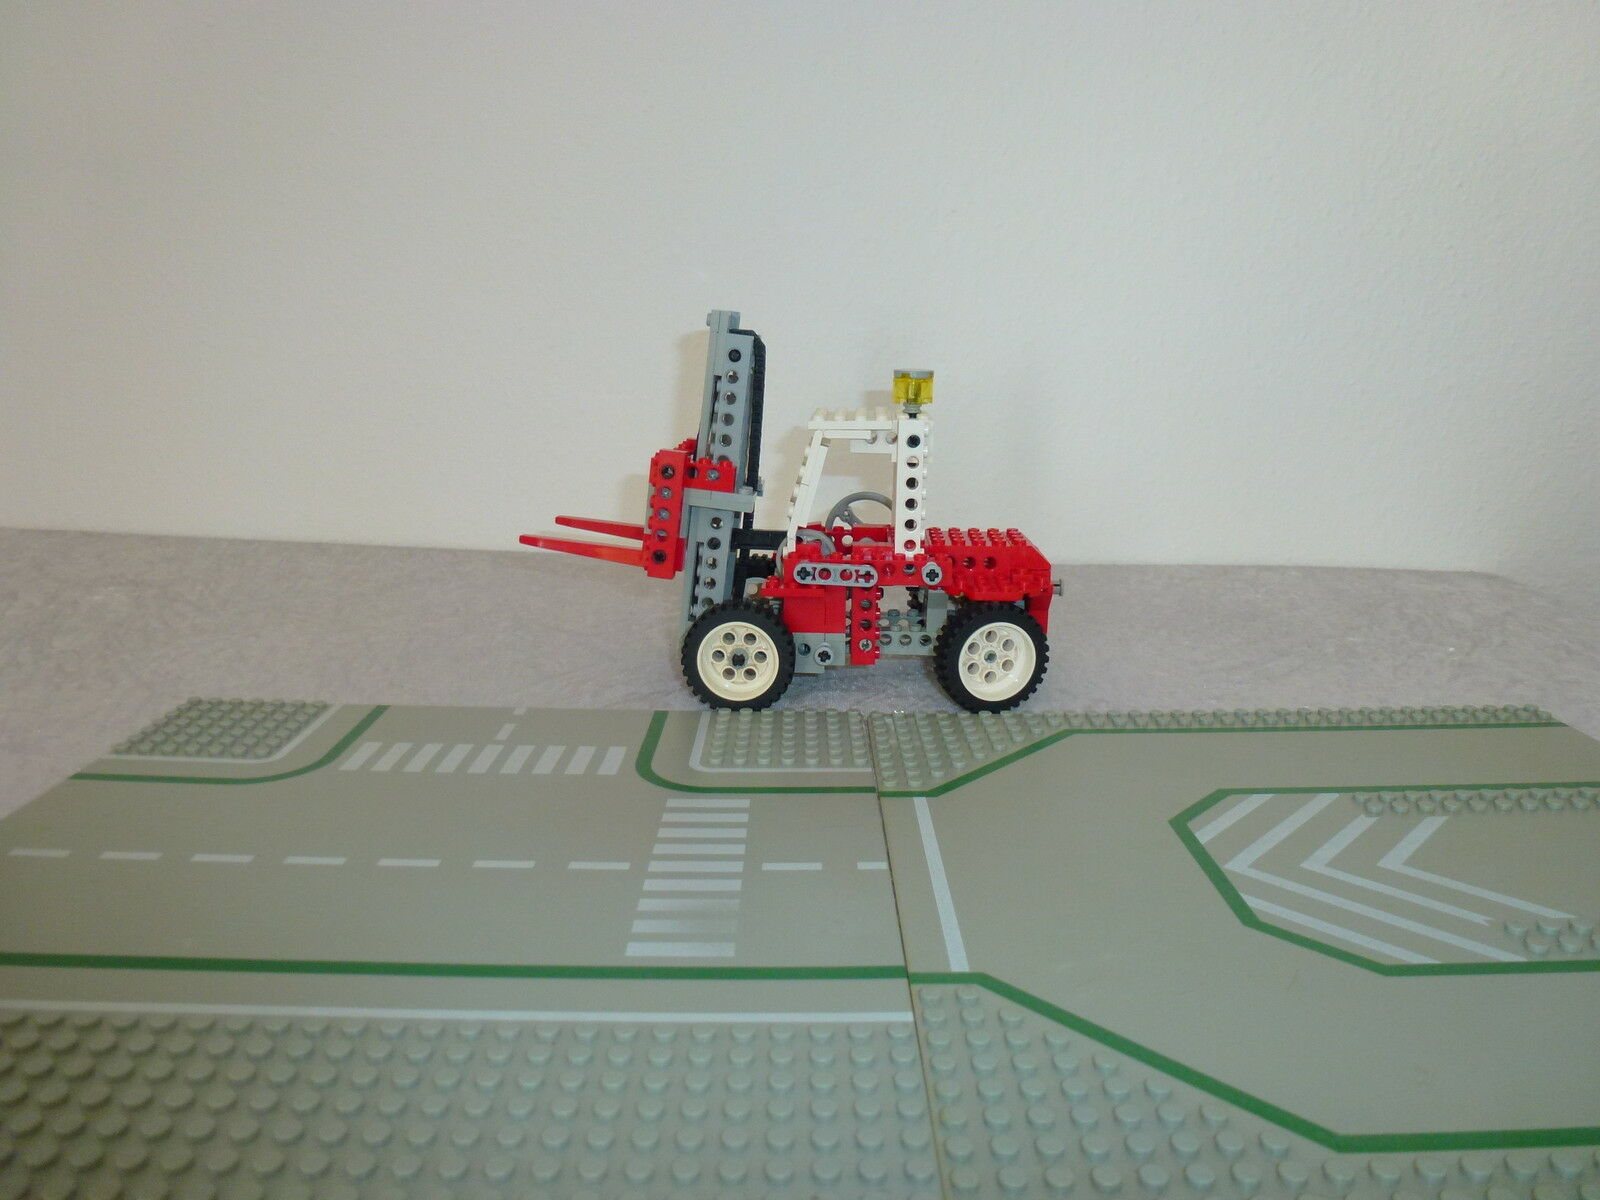 Lego Technik 8835 +2 Strassen+ Rarität aus dem Jahr 1989  (20)